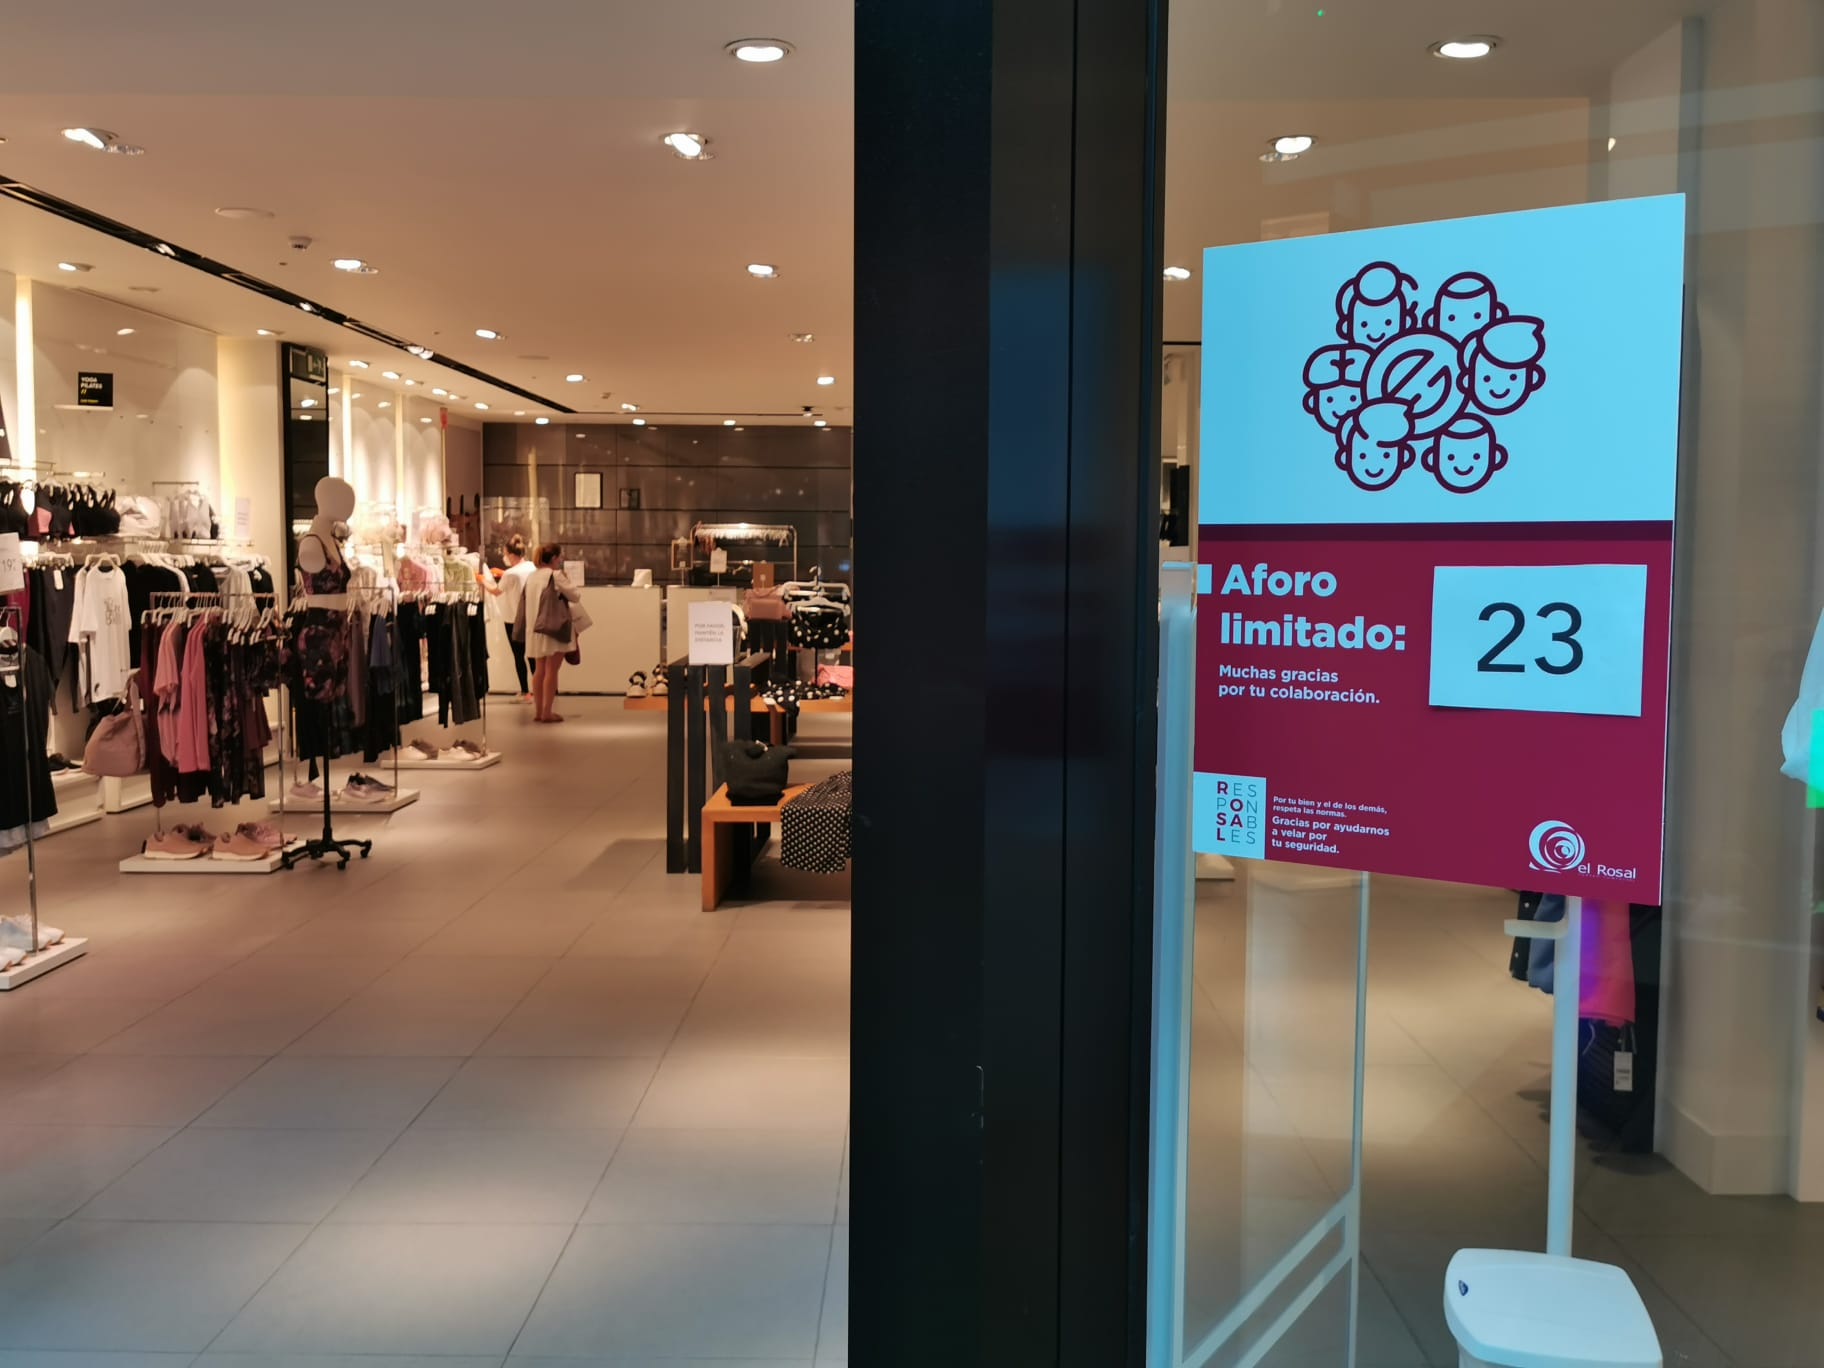 El Centro Comercial el Rosal abre con estrictas medidas de seguridad y control para la seguridad de los clientes y trabajadores 5